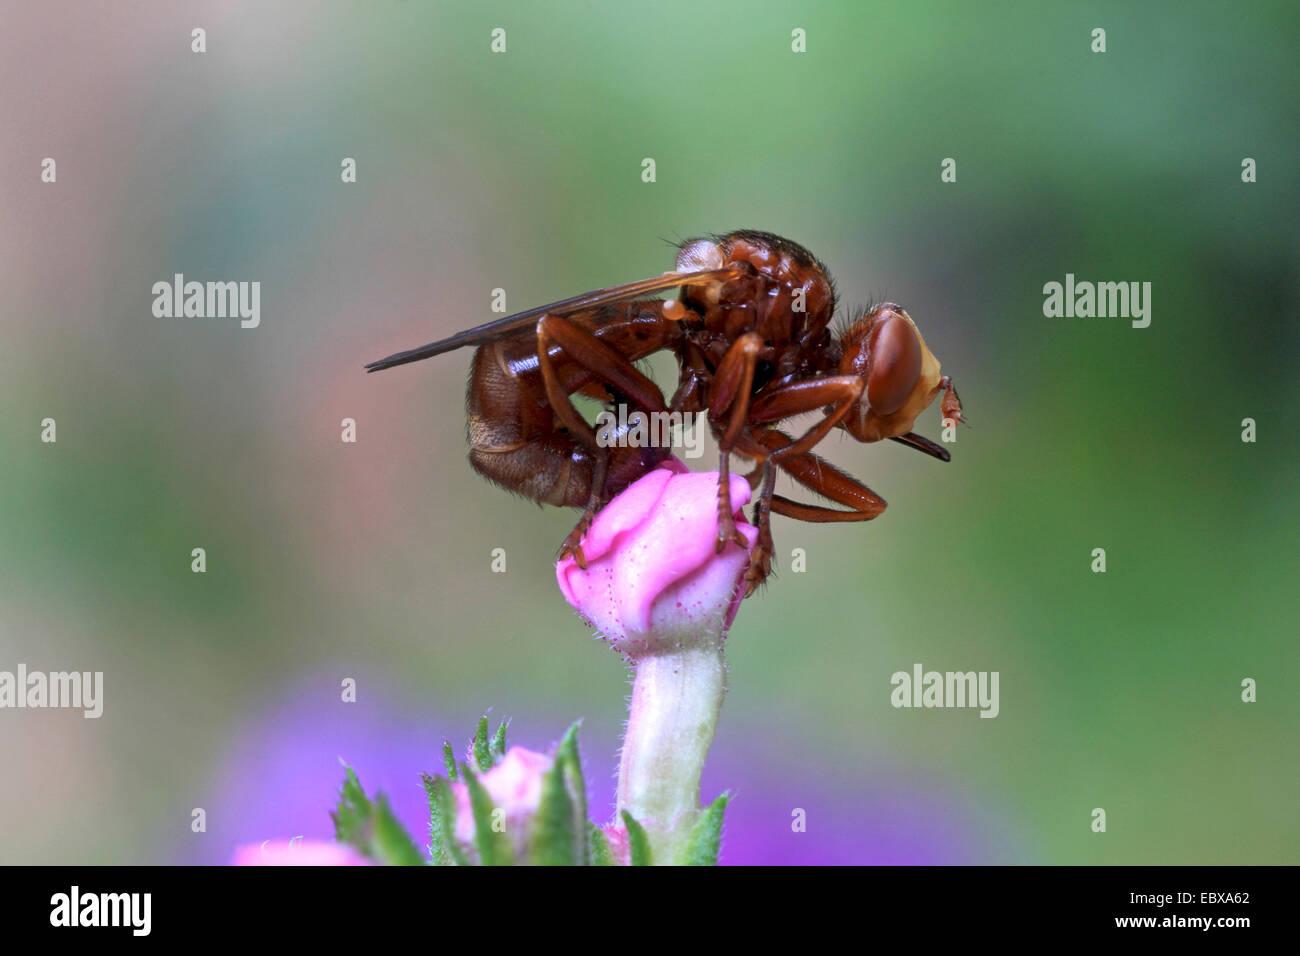 unter der Leitung von dicken fliegen (Conopidae), auf eine Blütenknospe, Deutschland Stockbild